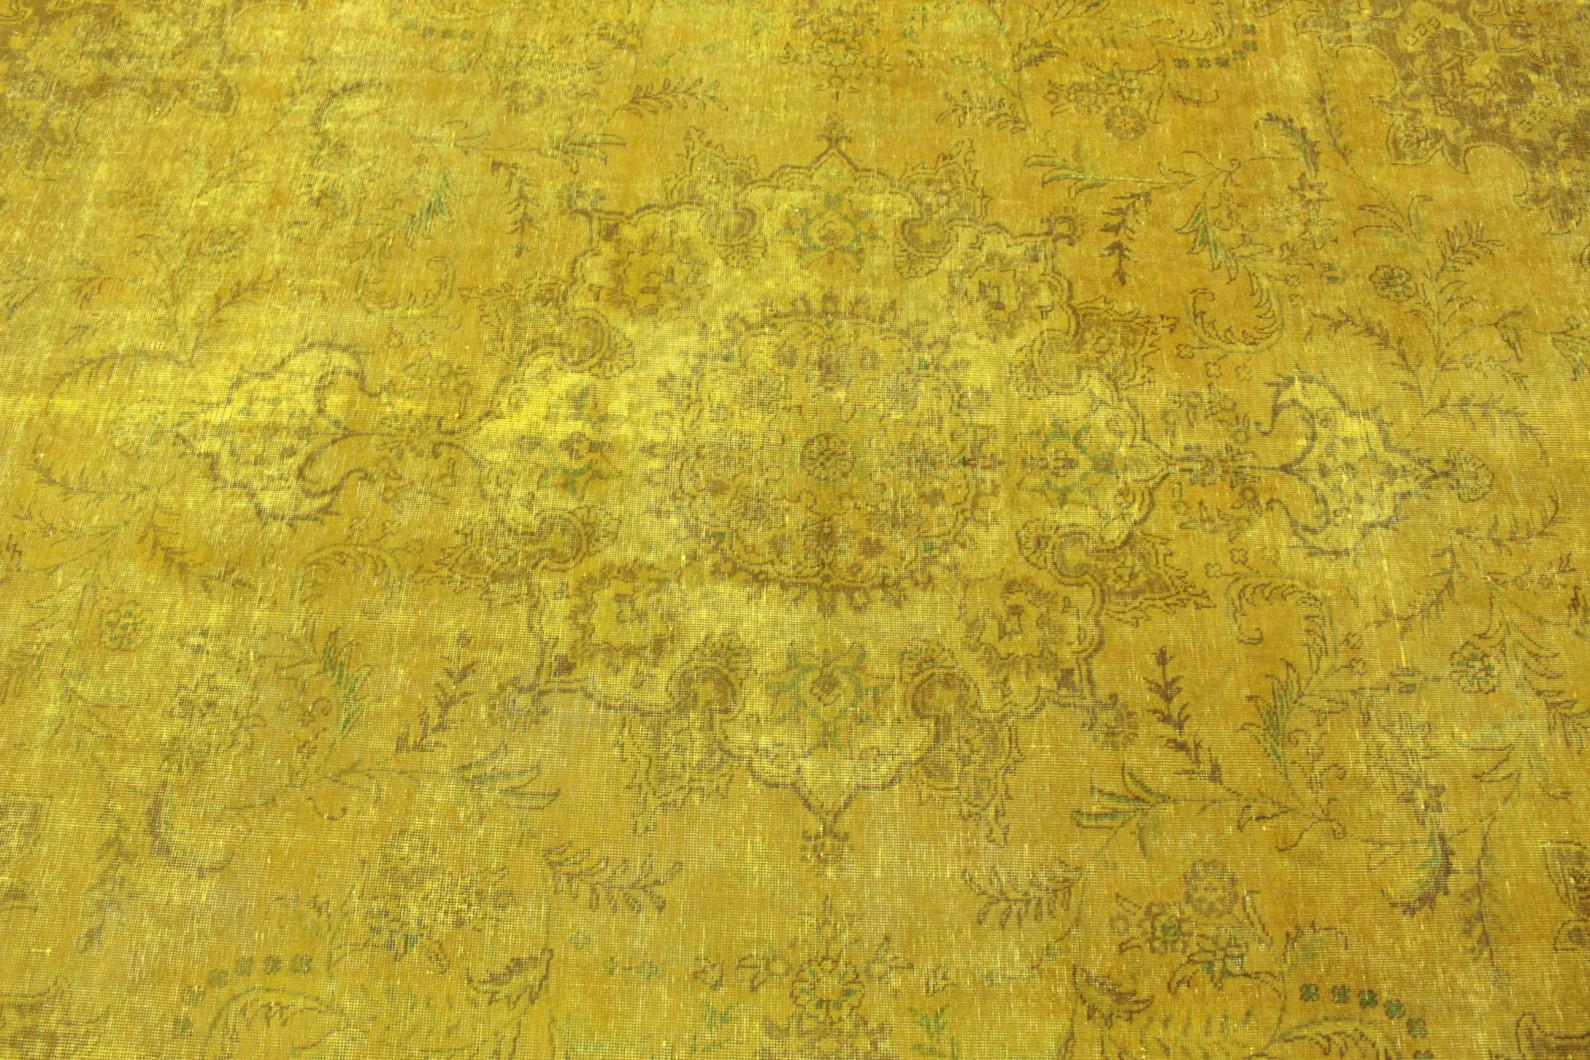 Teppich gelb  Vintage Teppich Gelb in 370x290 (1001-167004) bei carpetido.de kaufen